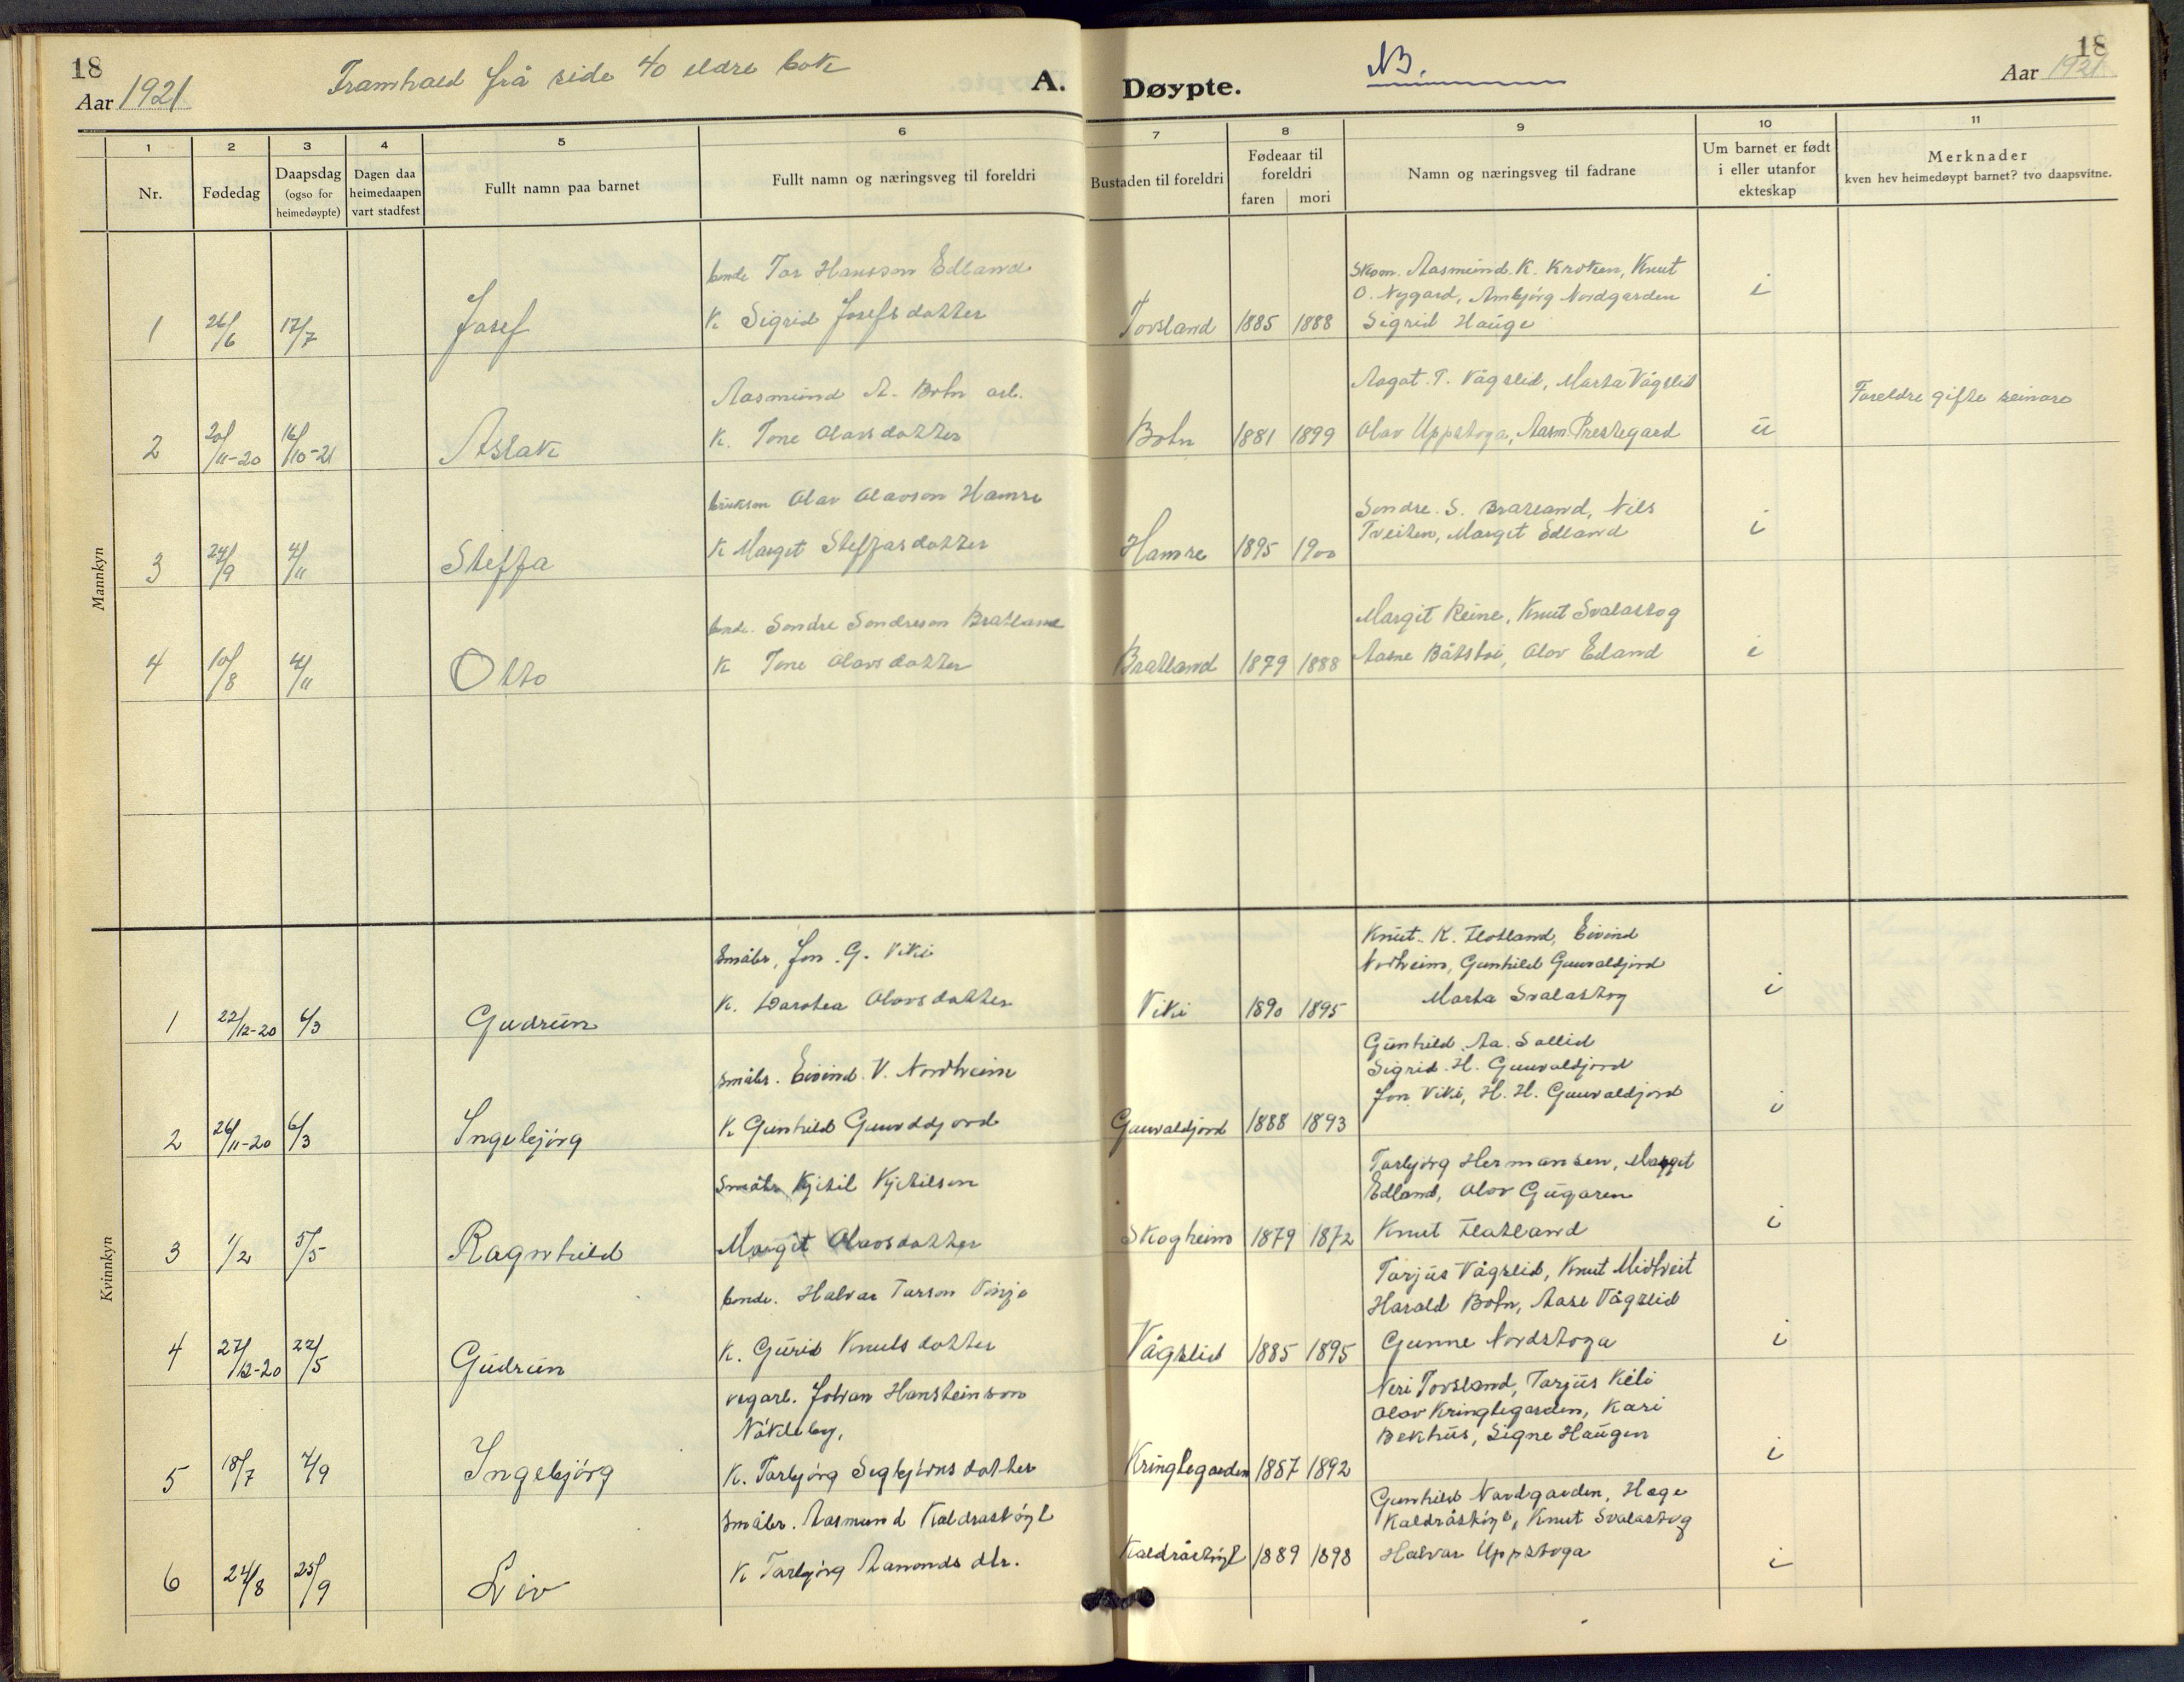 SAKO, Vinje kirkebøker, F/Fc/L0001: Ministerialbok nr. III 1, 1921-1943, s. 18